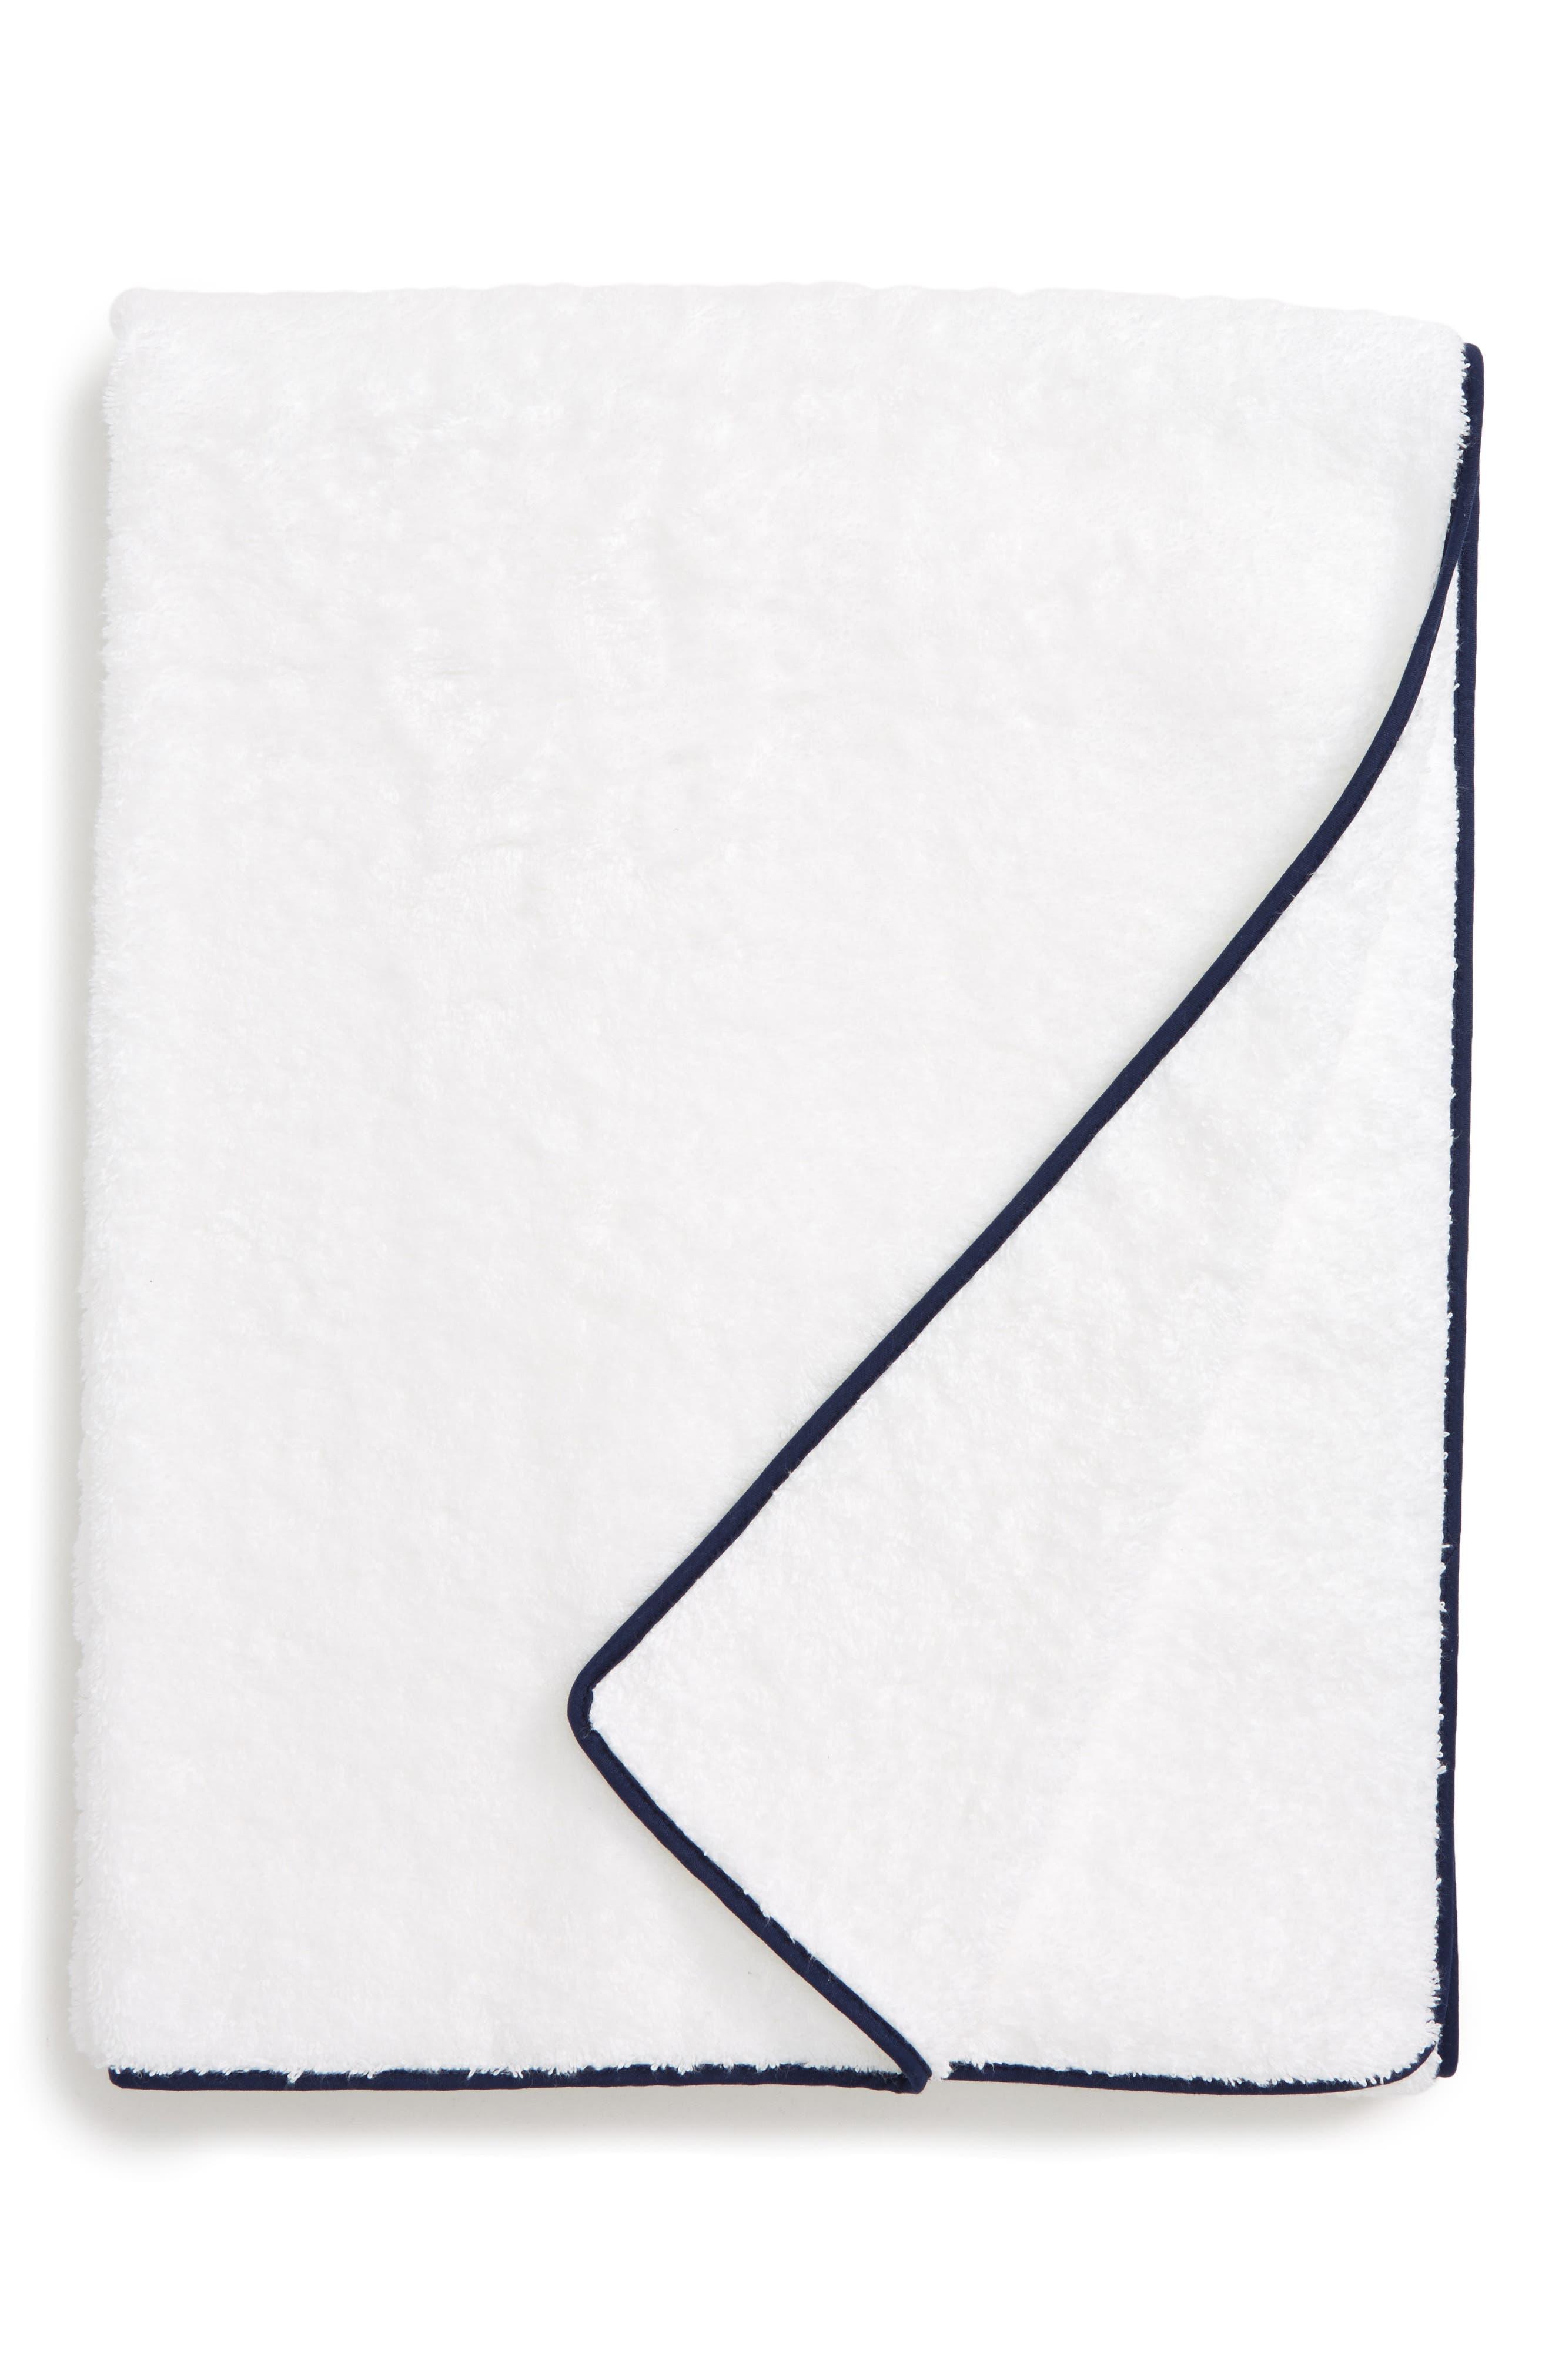 Cairo Spa Towel,                             Main thumbnail 1, color,                             NAVY